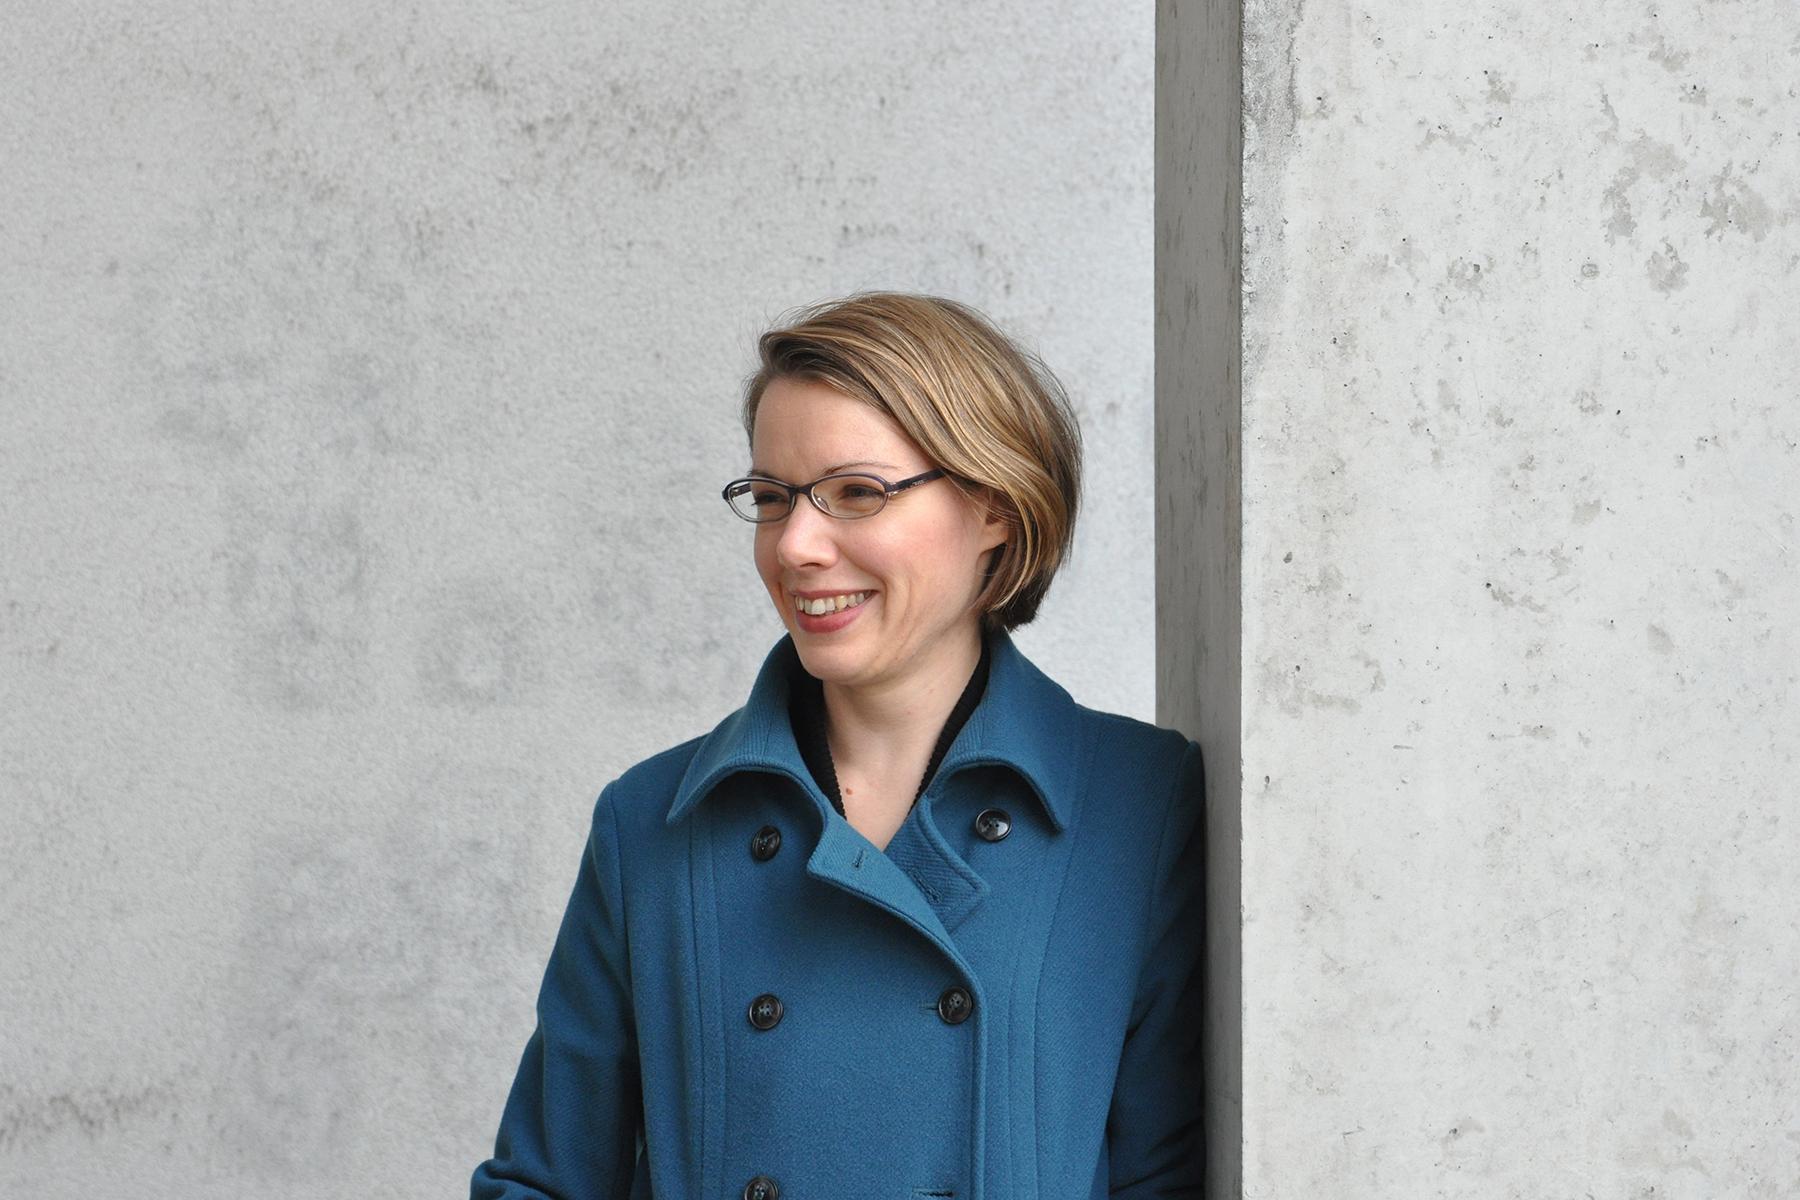 Prof. Dr. Julia Richers, Studienleitung der Osteuropa-Studien Bern-Fribourg ©zvg